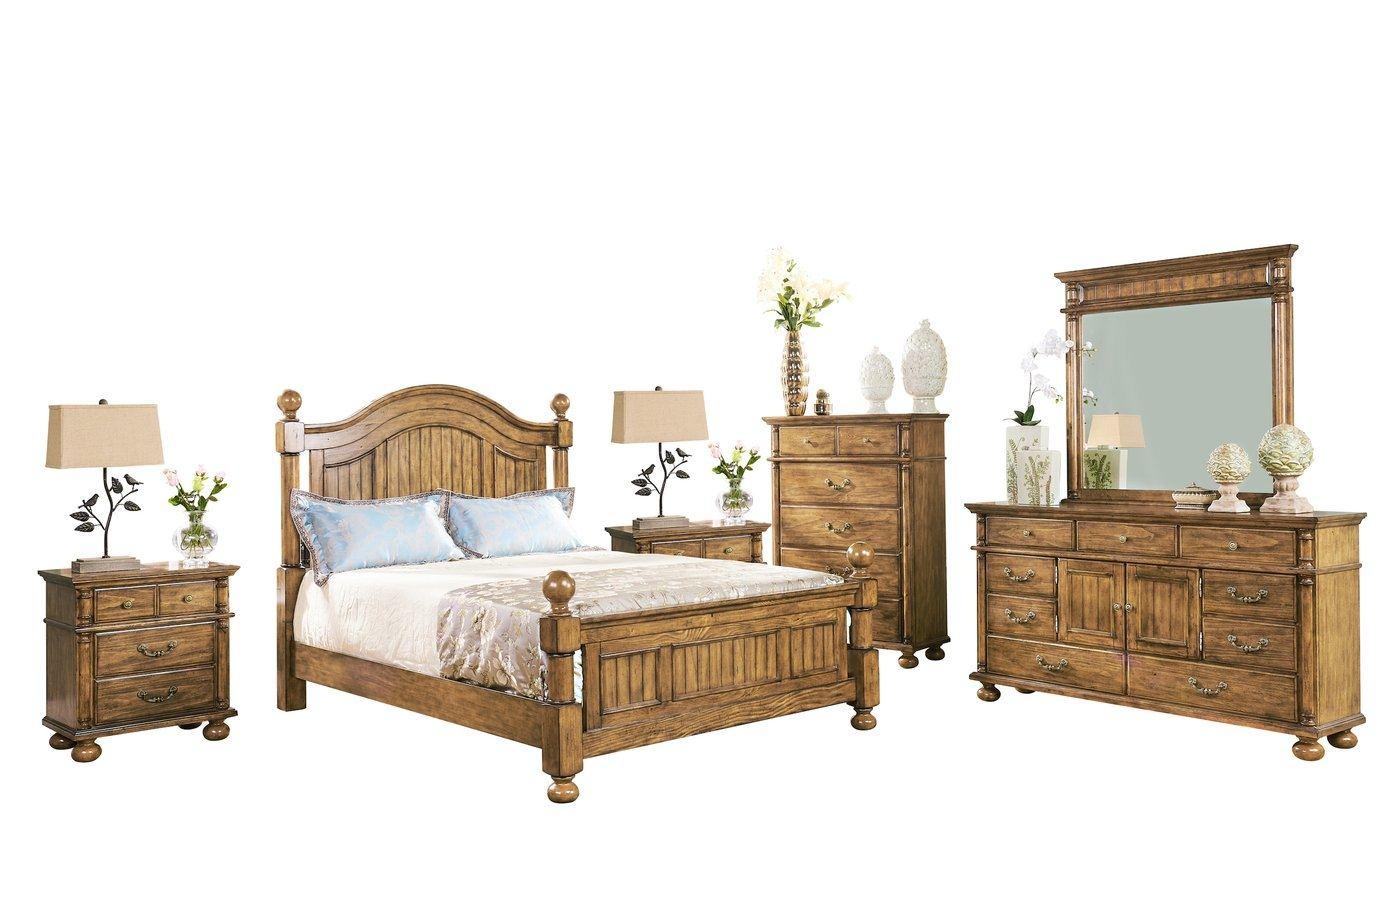 italian luxury bedroom furniture furniture bedroom luxury classic style furniture new classic bedroom furniture bedroom furniture